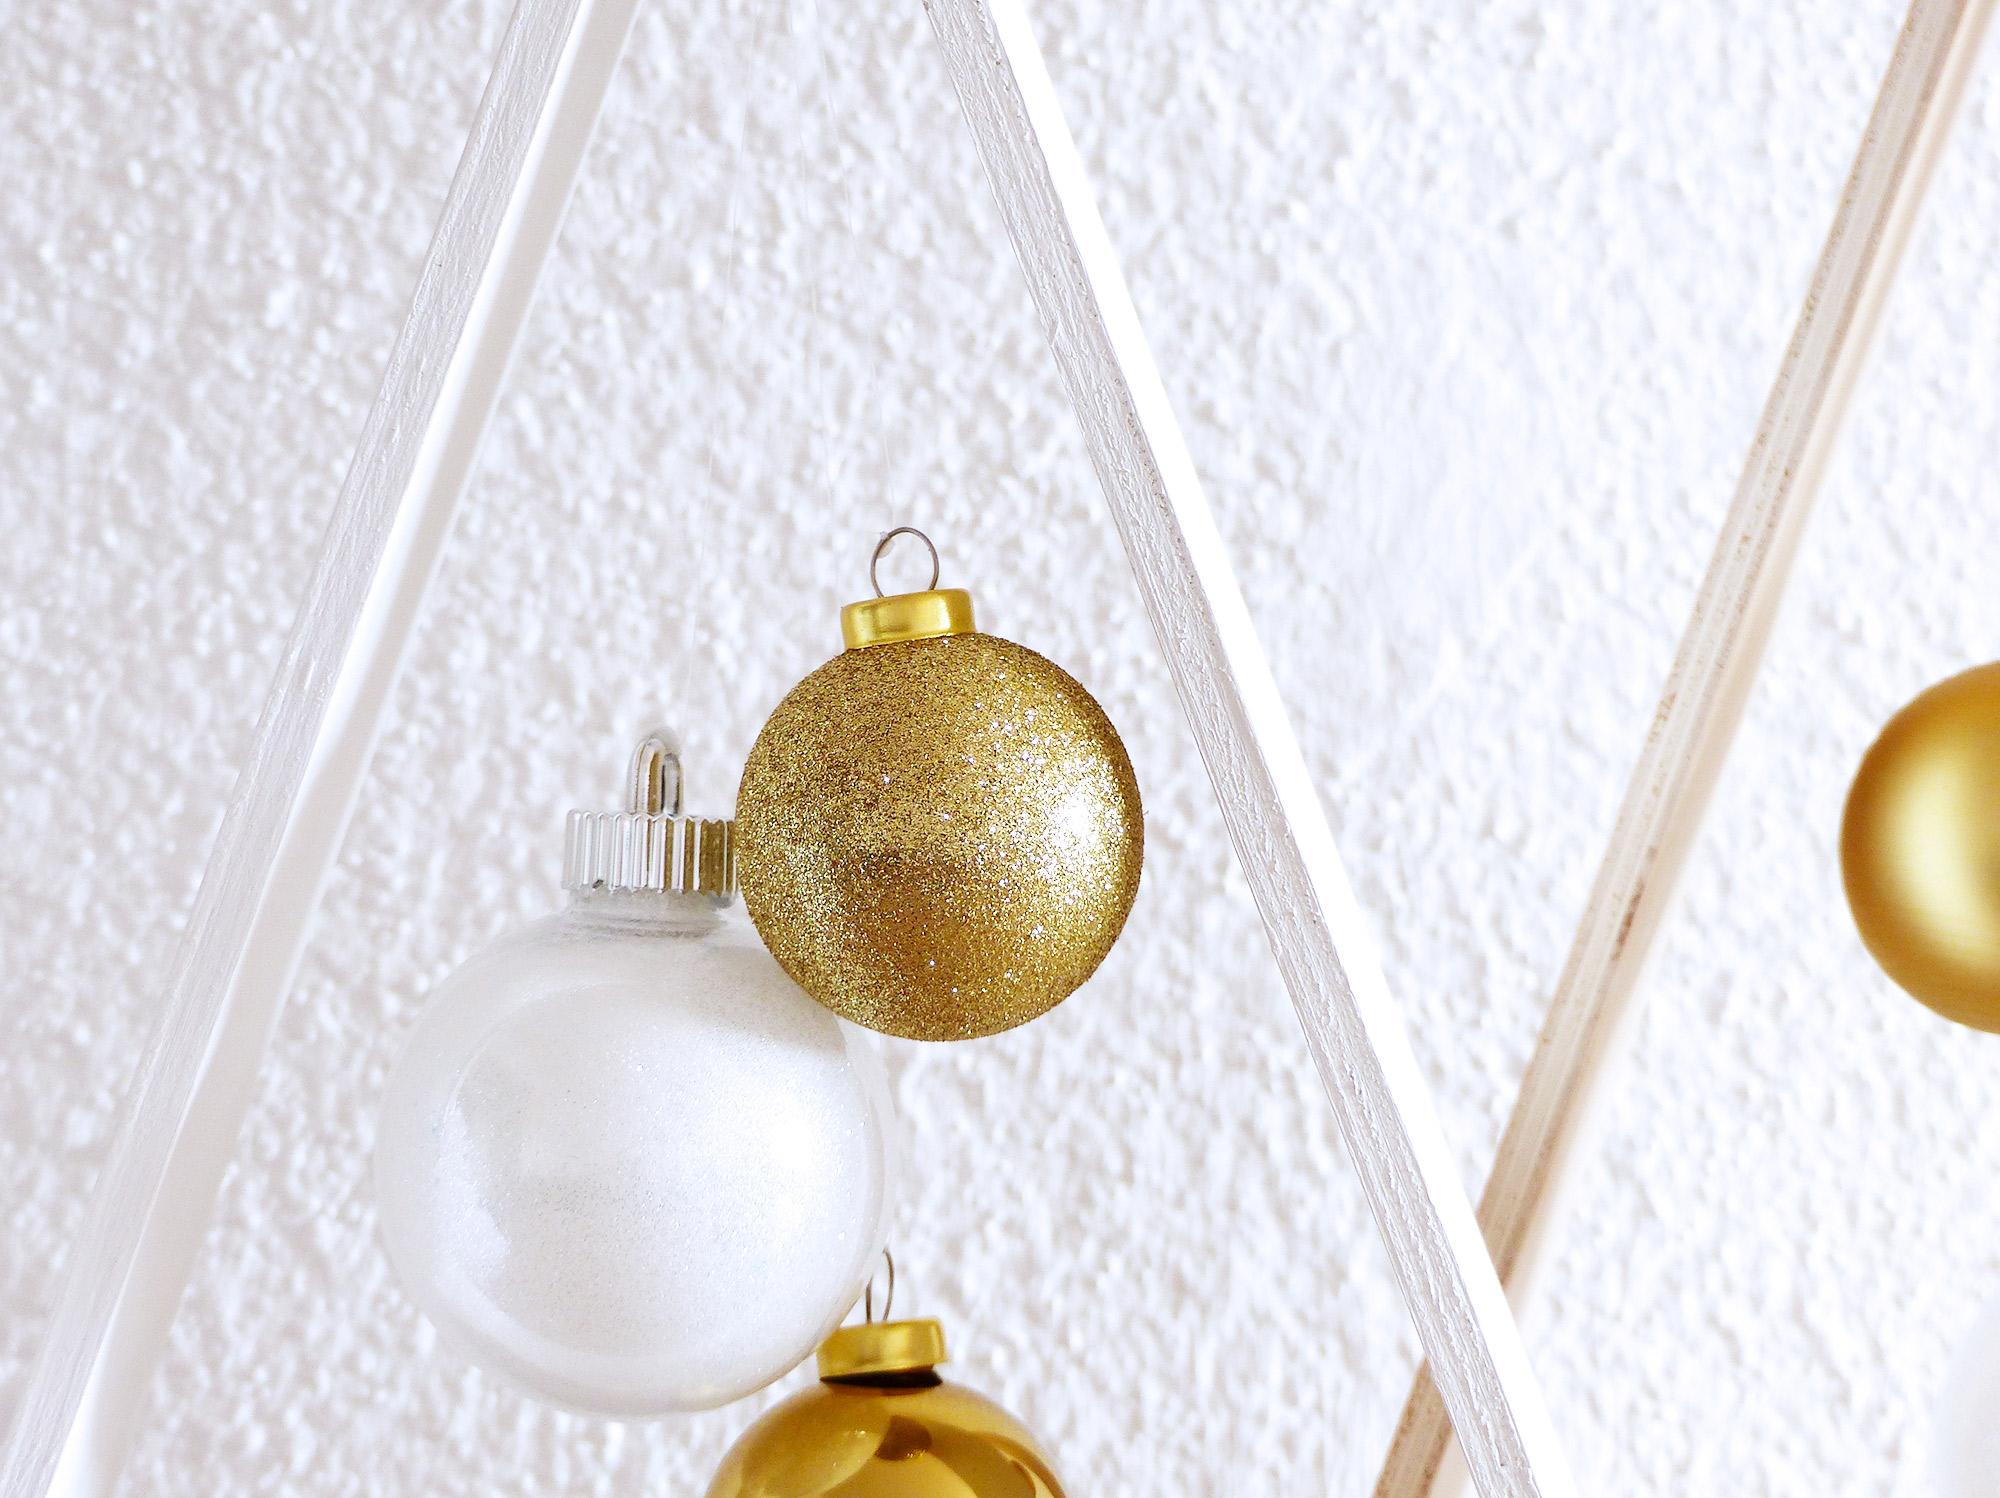 DIY Noël, sapins de Noël minimalistes en bois - Autour de Marine